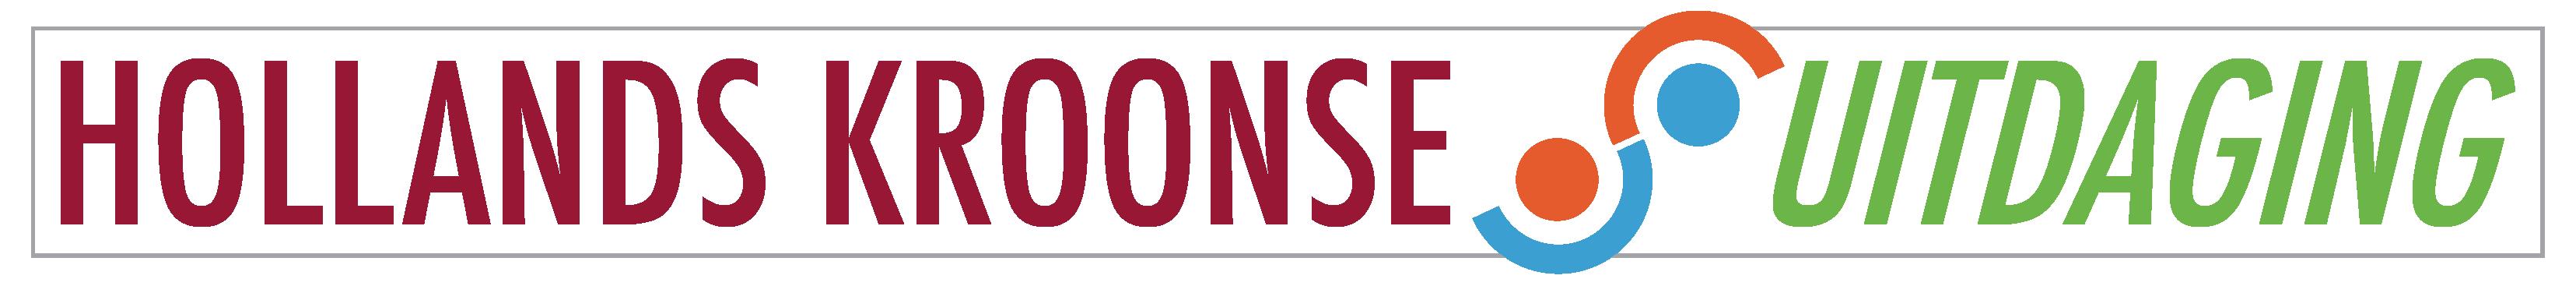 UIT151217 - Logo_hollands_kroonse_uitdaging_RGB